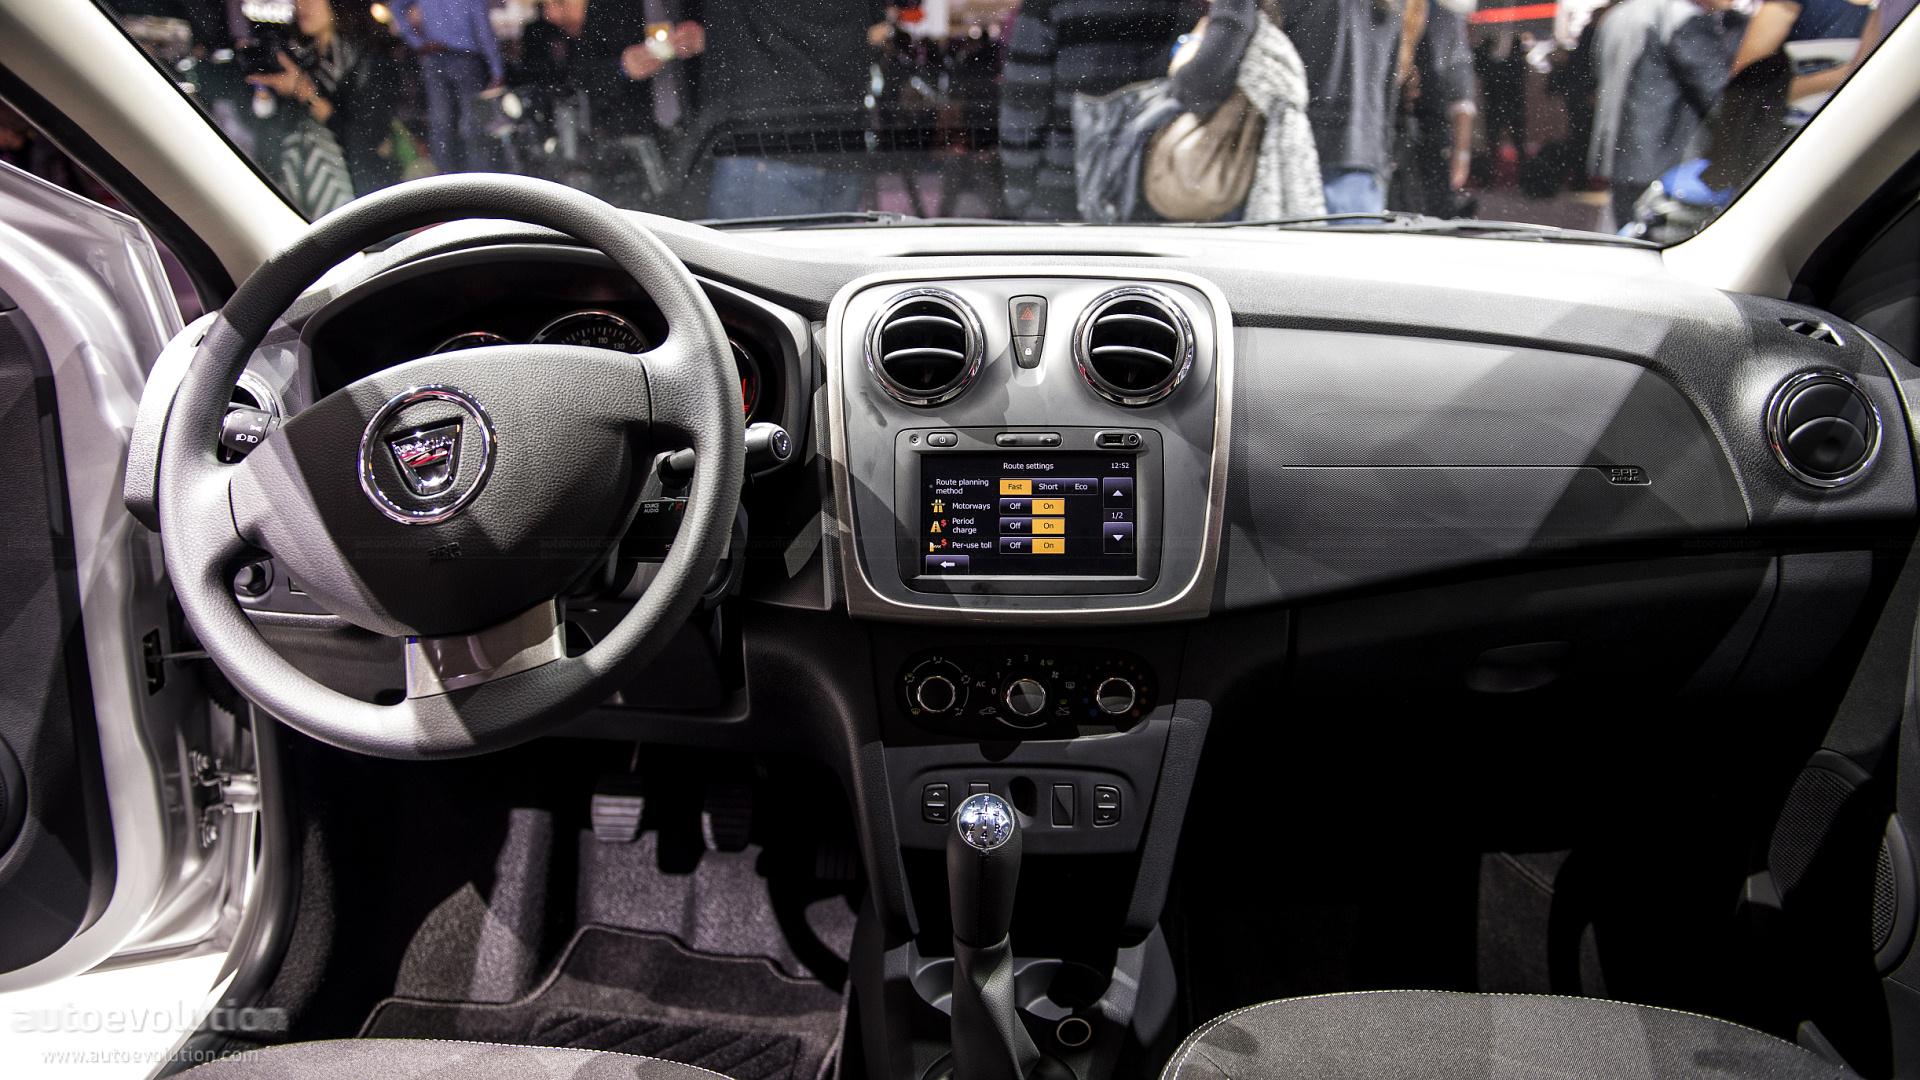 Dacia Sandero - Photo #05.